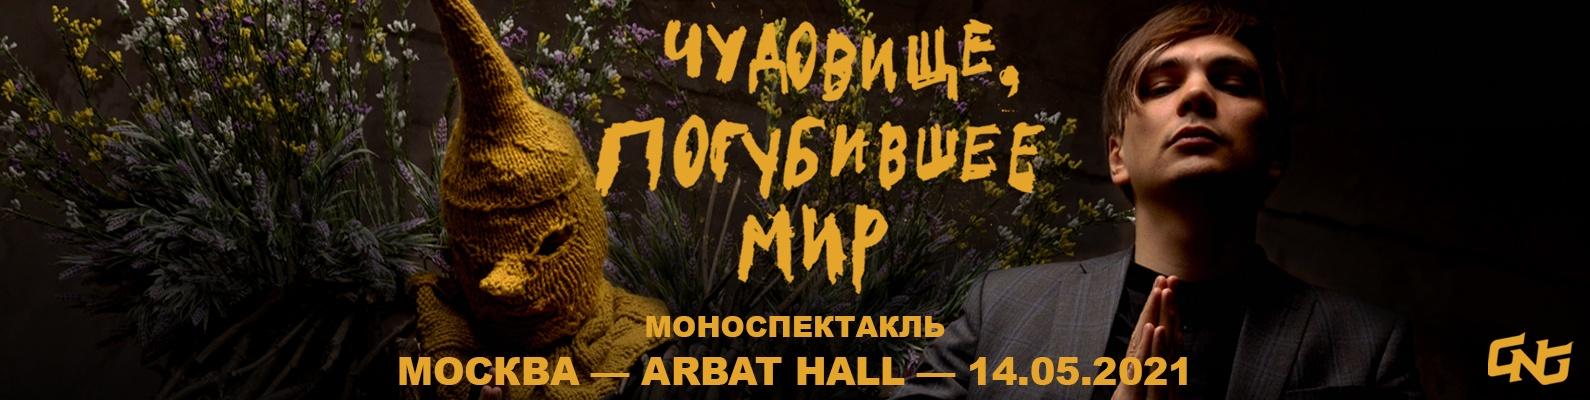 СЛАВА КПСС 14.05  МОСКВА ARBAT HALL